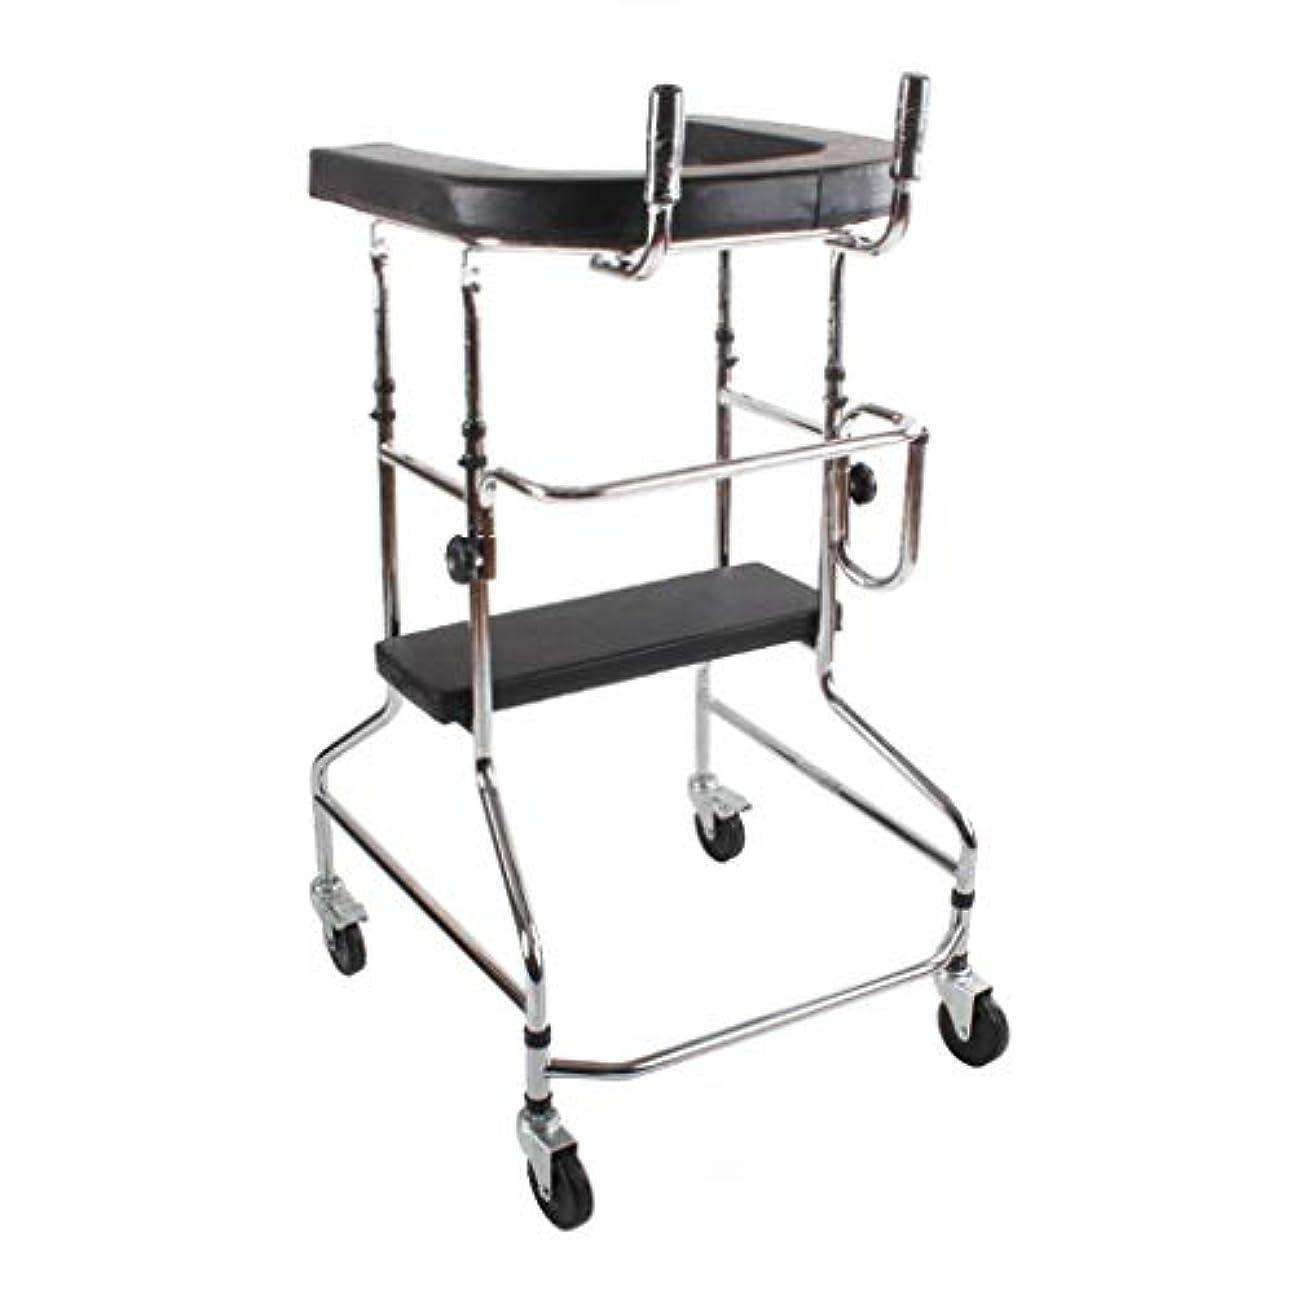 雇用巡礼者買い手BNSDMM 步行器 ウォーカー - 高齢者用ウォーカーウォーカー下肢リハビリテーション機器健康スタンディングウォーカーホイールとシートリハビリ機器